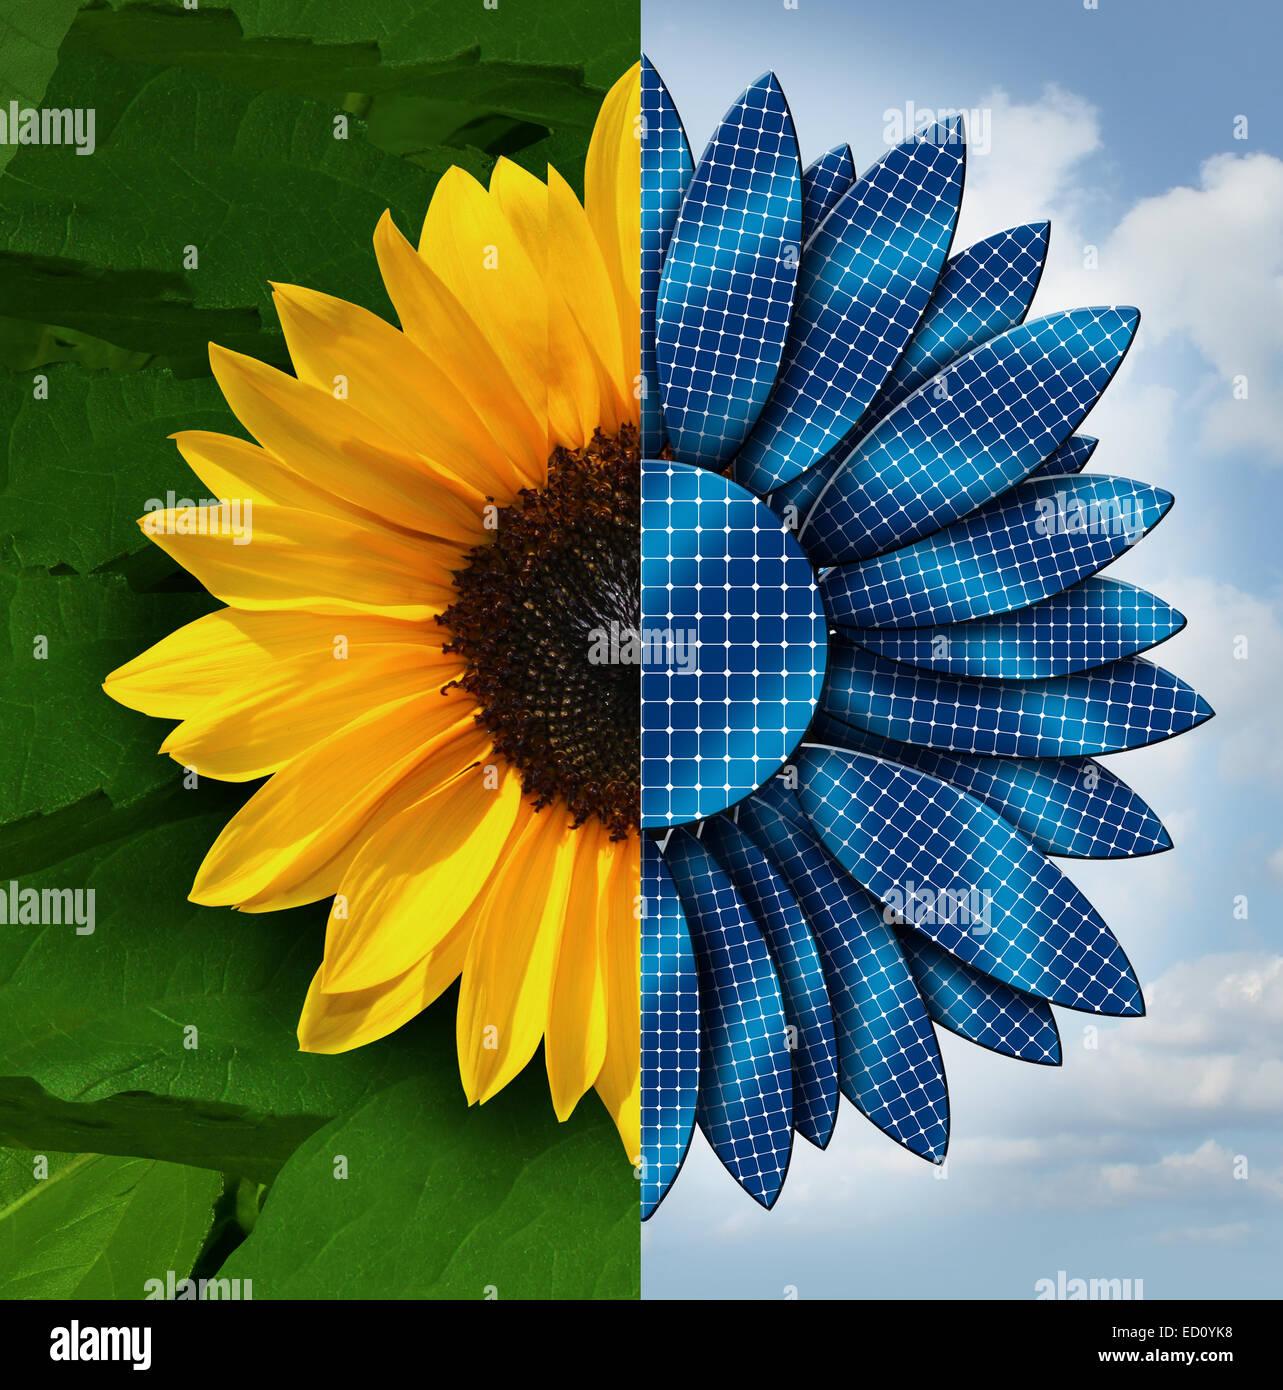 Concepto de energía solar como un girasol dividido en dos, con el lado opuesto como pétalos panel solar Imagen De Stock